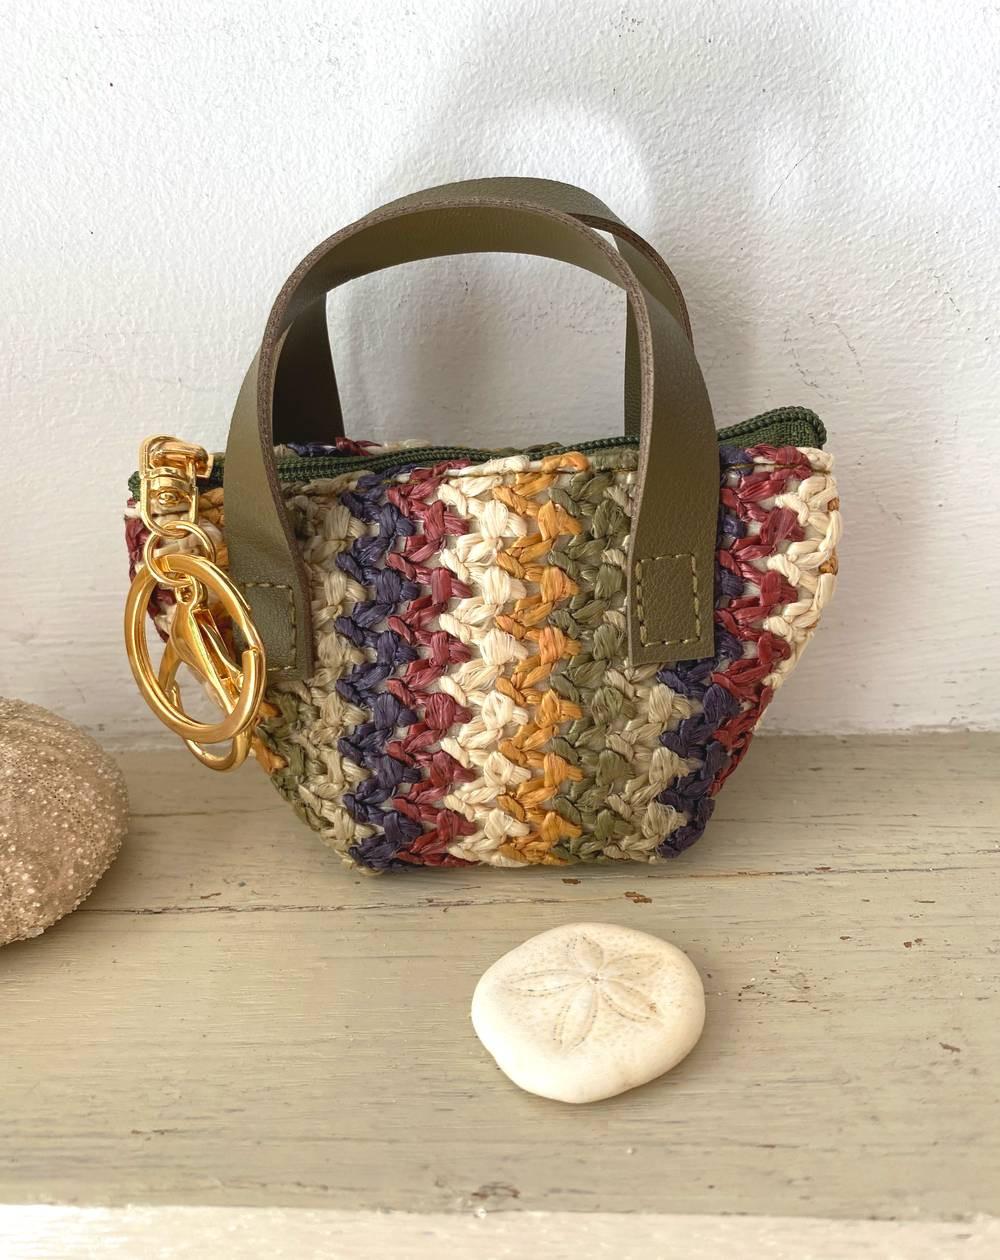 Porte monnaie mini-sac tressé coloris kaki, marron et naturel